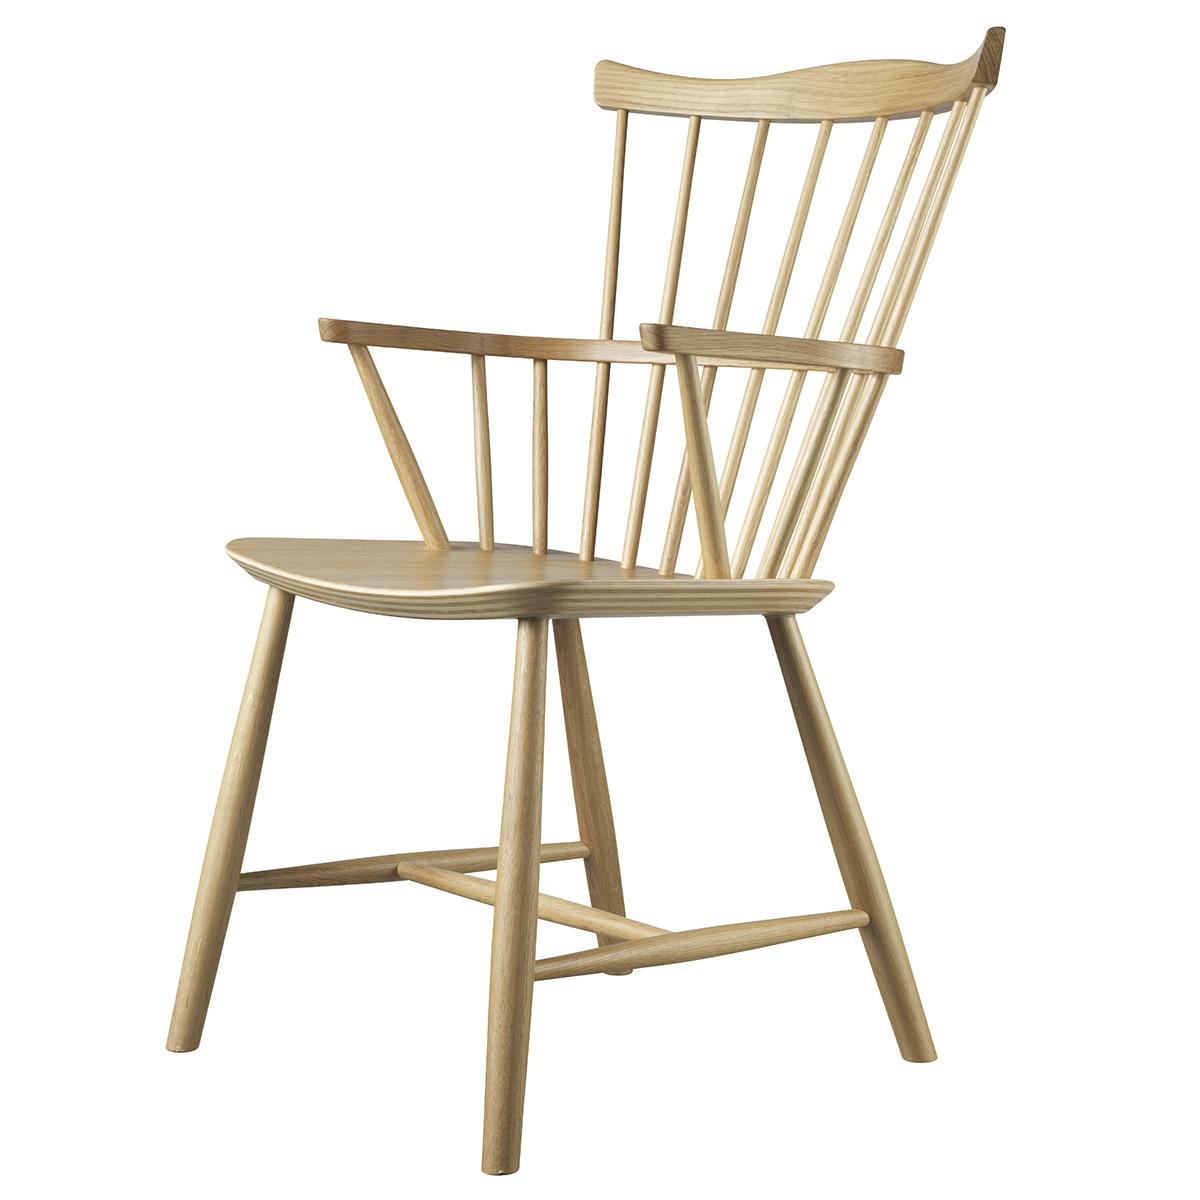 J52B spisebordsstol i eg, designet af Børge Mogensen